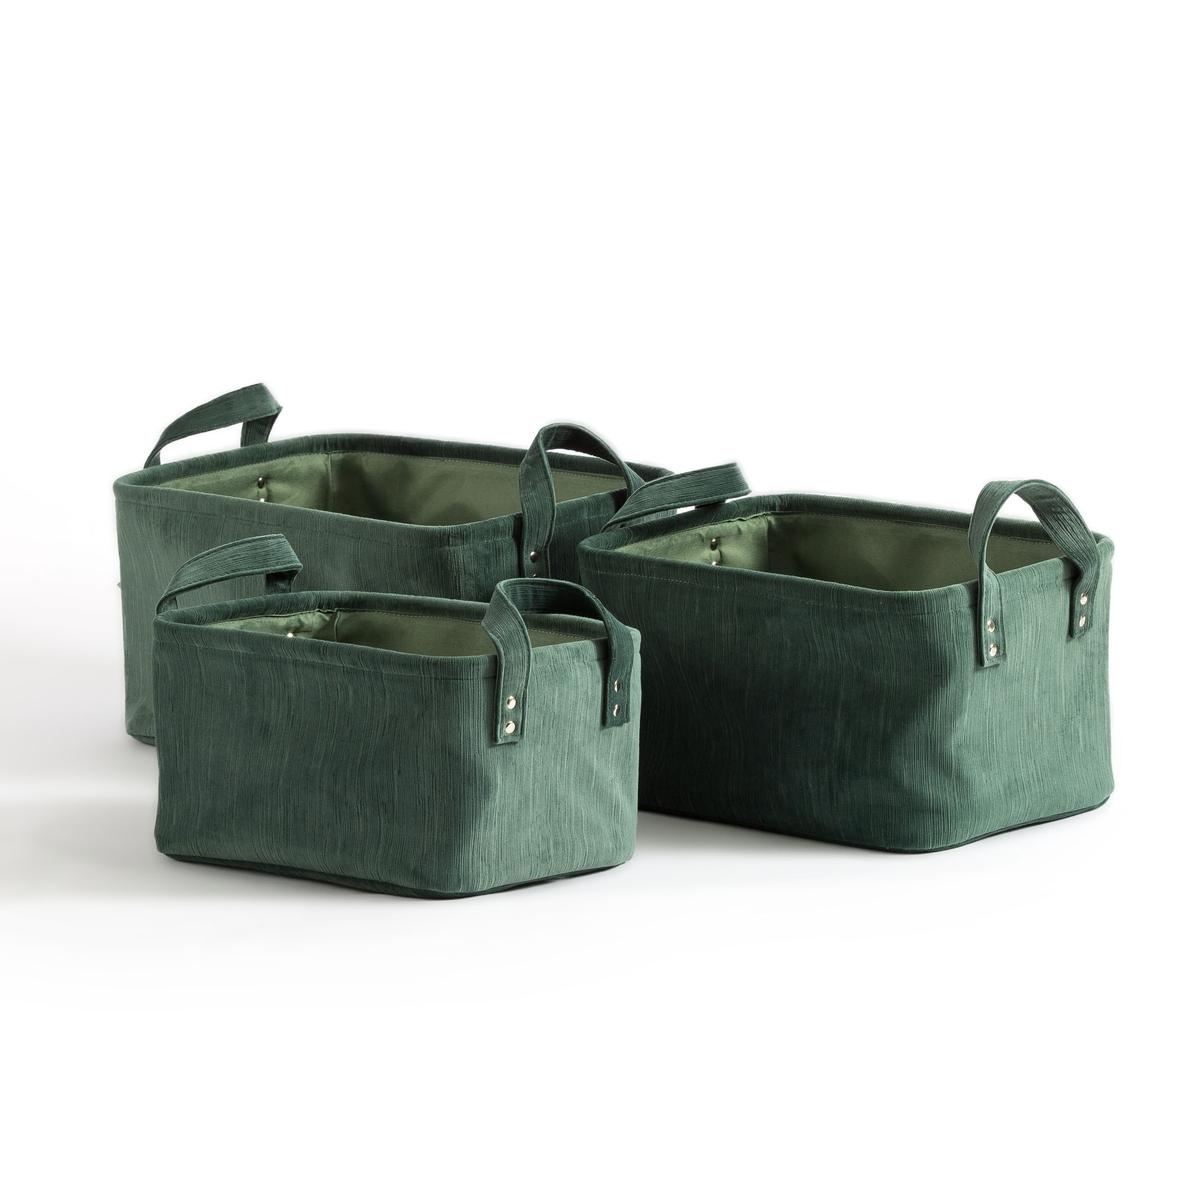 Комплект из корзин La Redoute Велюра Butto единый размер зеленый